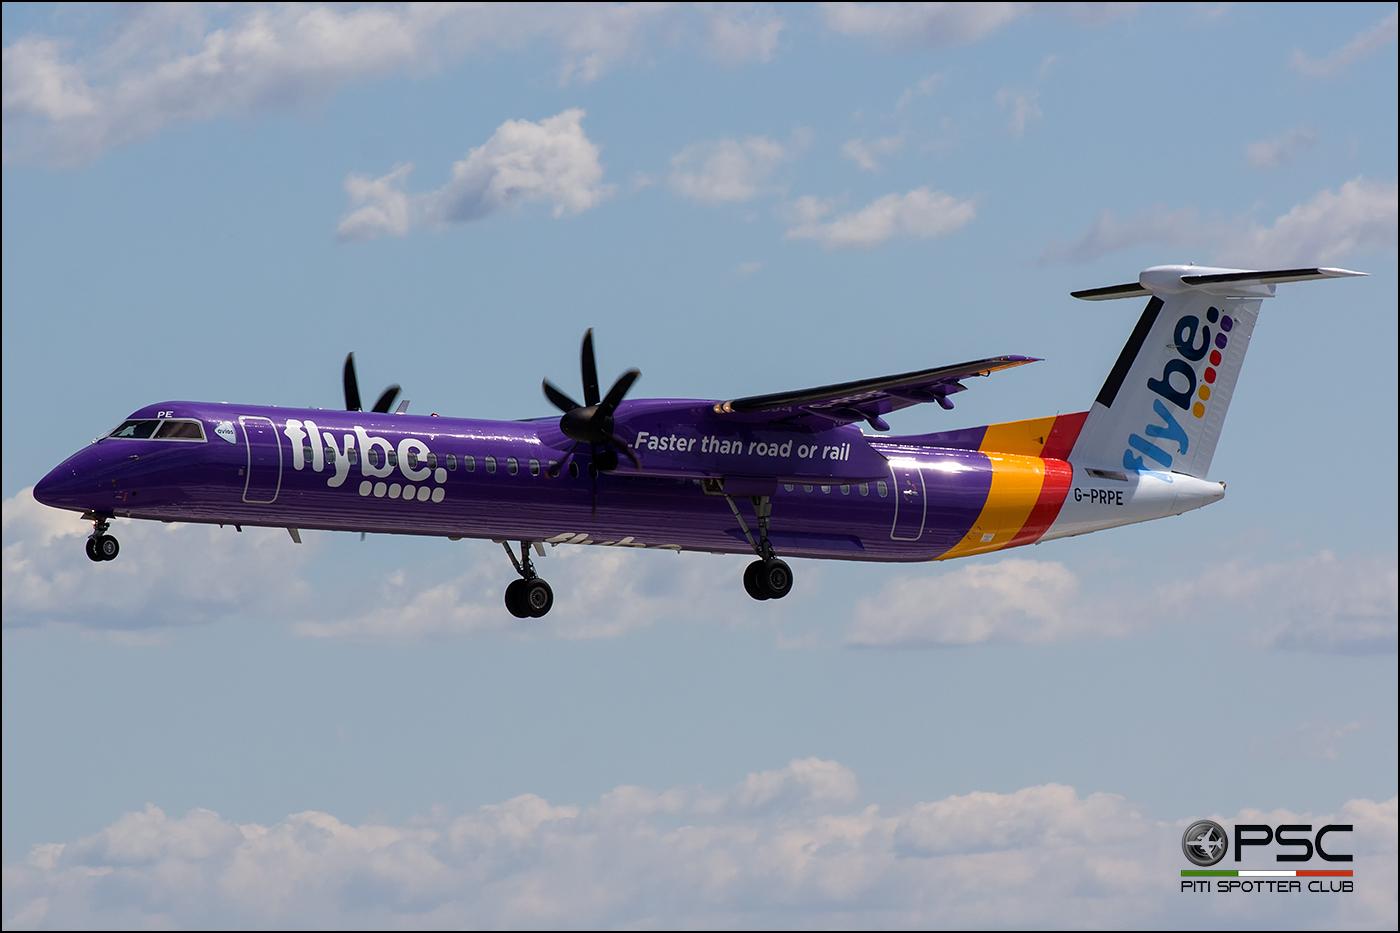 G-PRPE DHC-8-402 4209 Flybe - British European @ Aeroporto di Verona - 06/08/2016 © Piti Spotter Club Verona